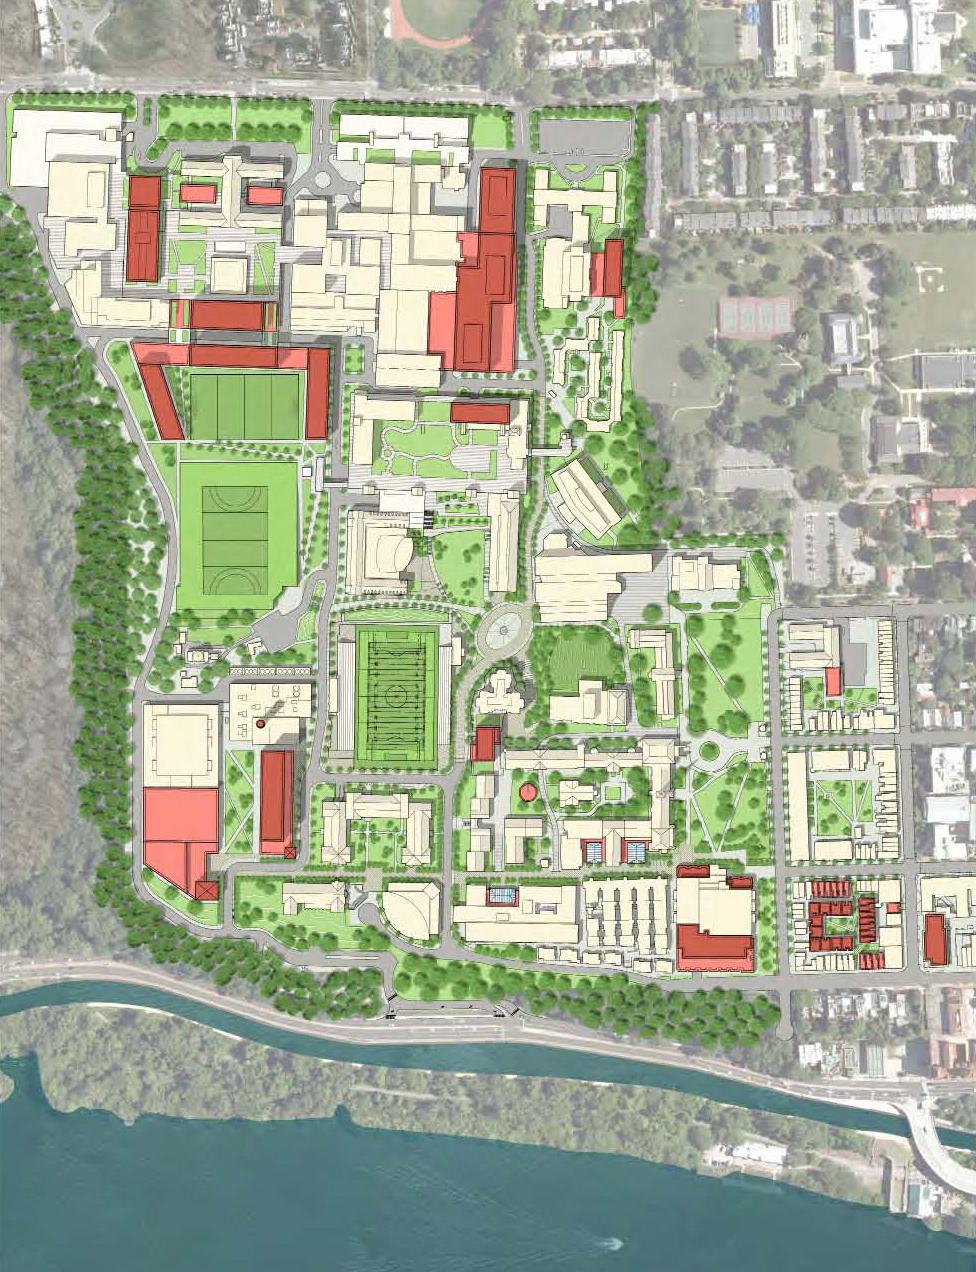 Georgetown University Master Plan**